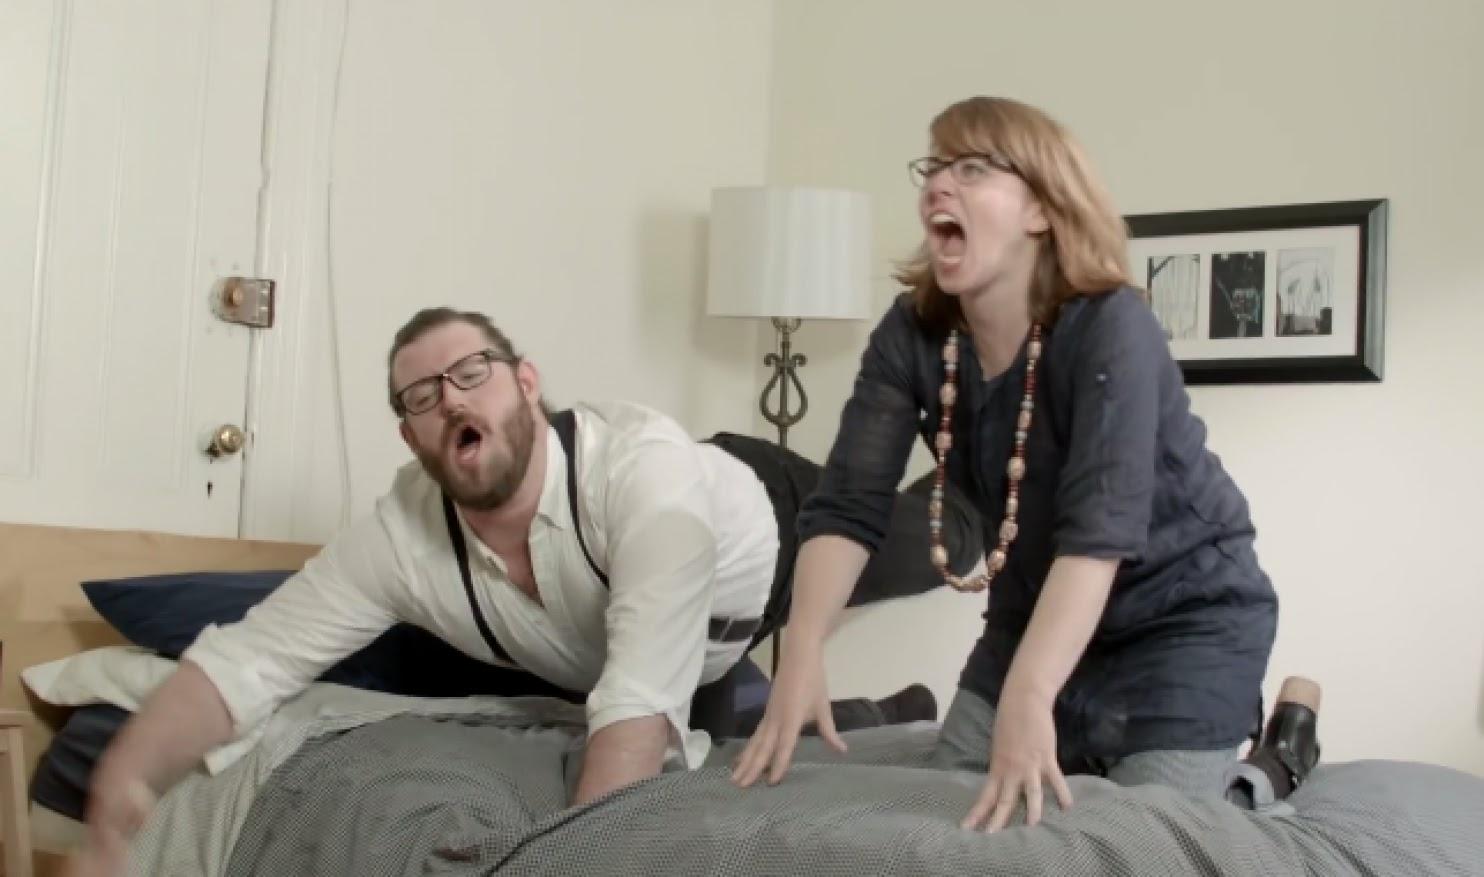 Смотреть секс пьяная соседка, Русский трах с пьяной соседкой порно видео смотреть 17 фотография